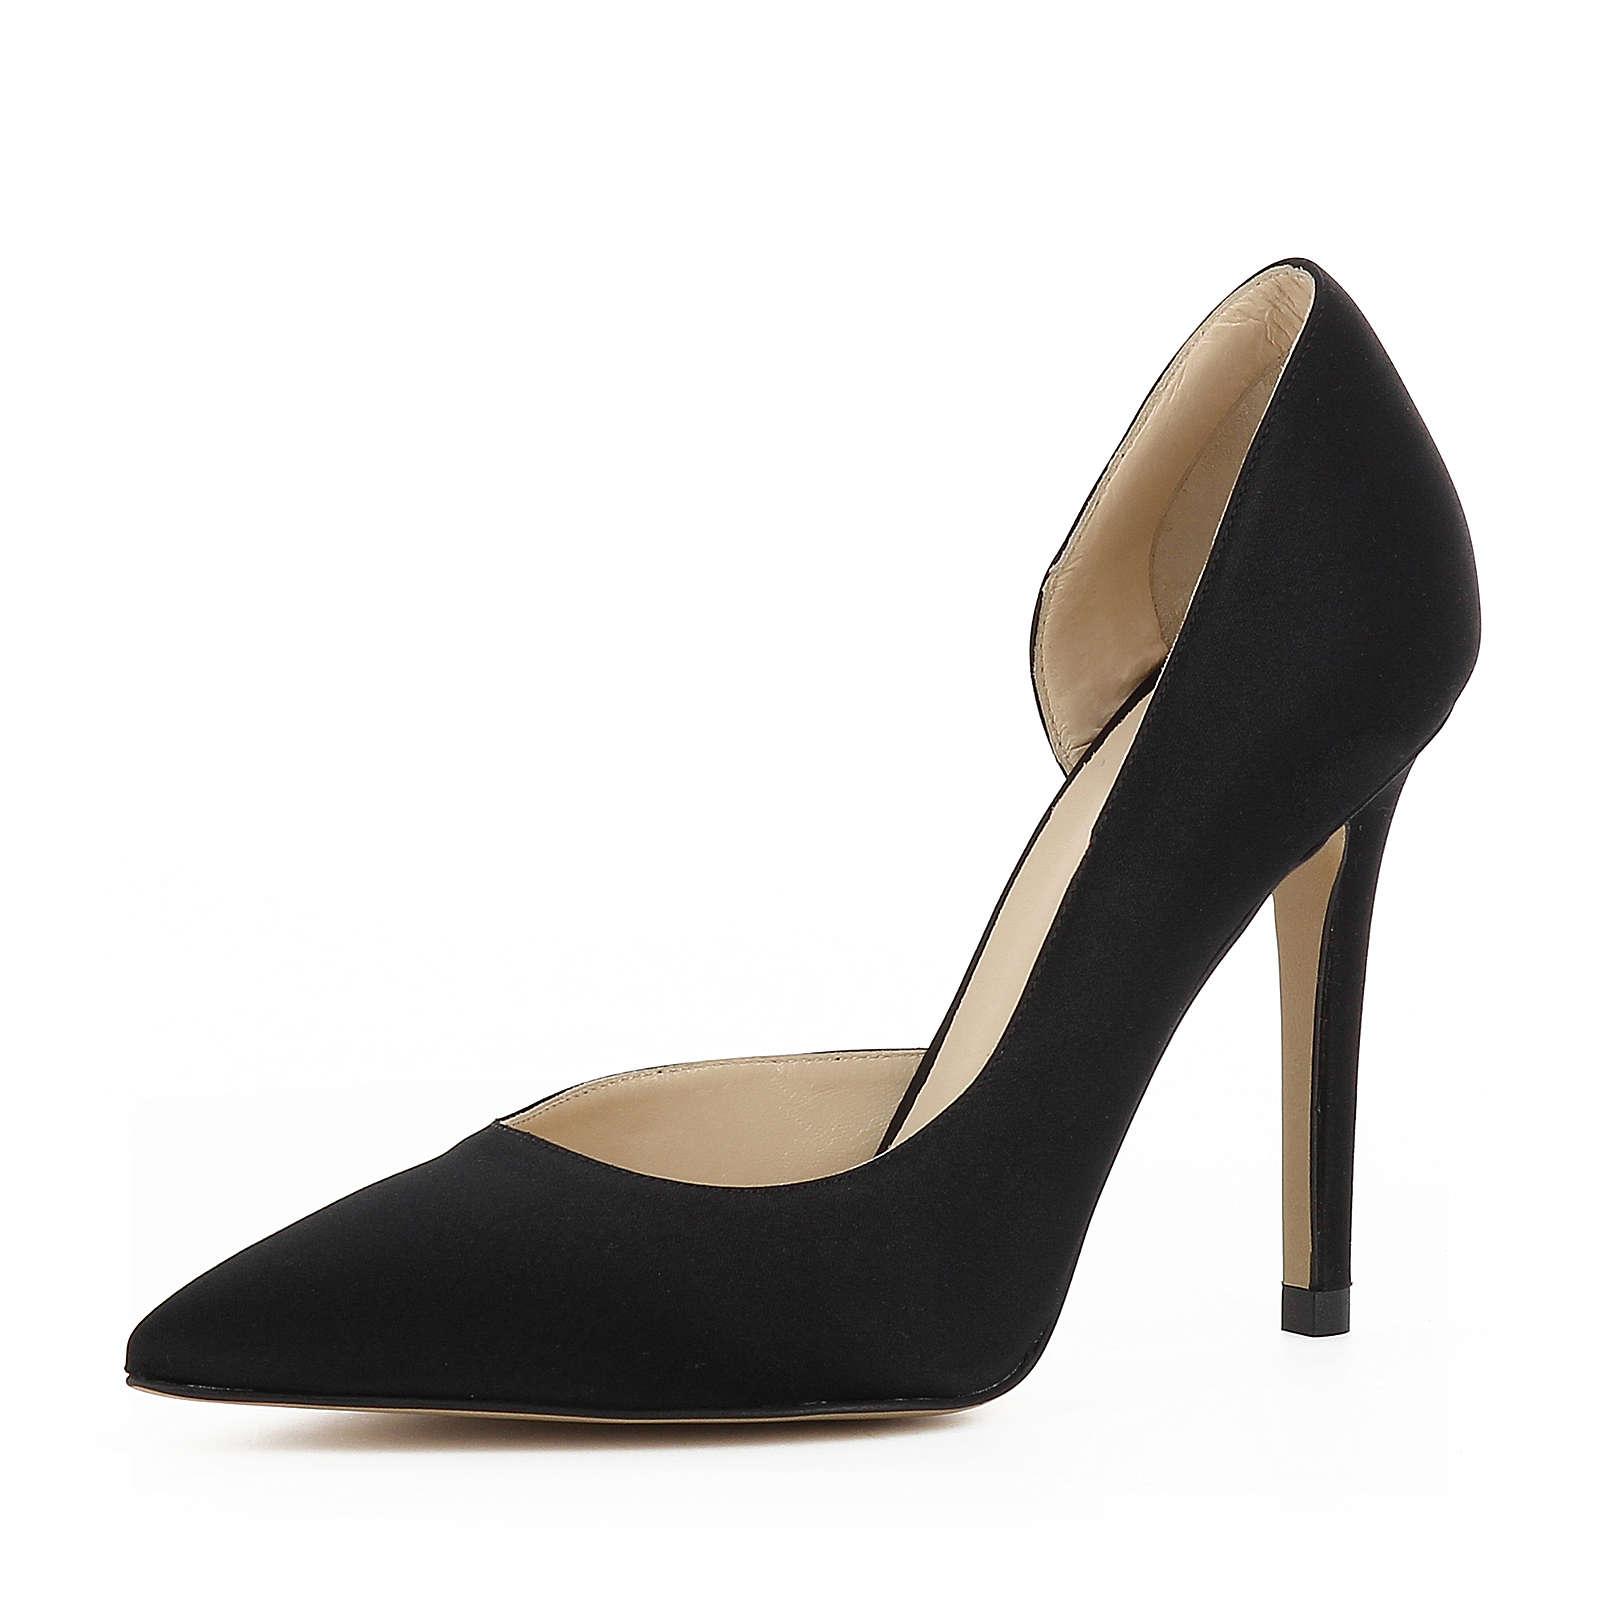 Evita Shoes ALINA Klassische Pumps schwarz Damen Gr. 34